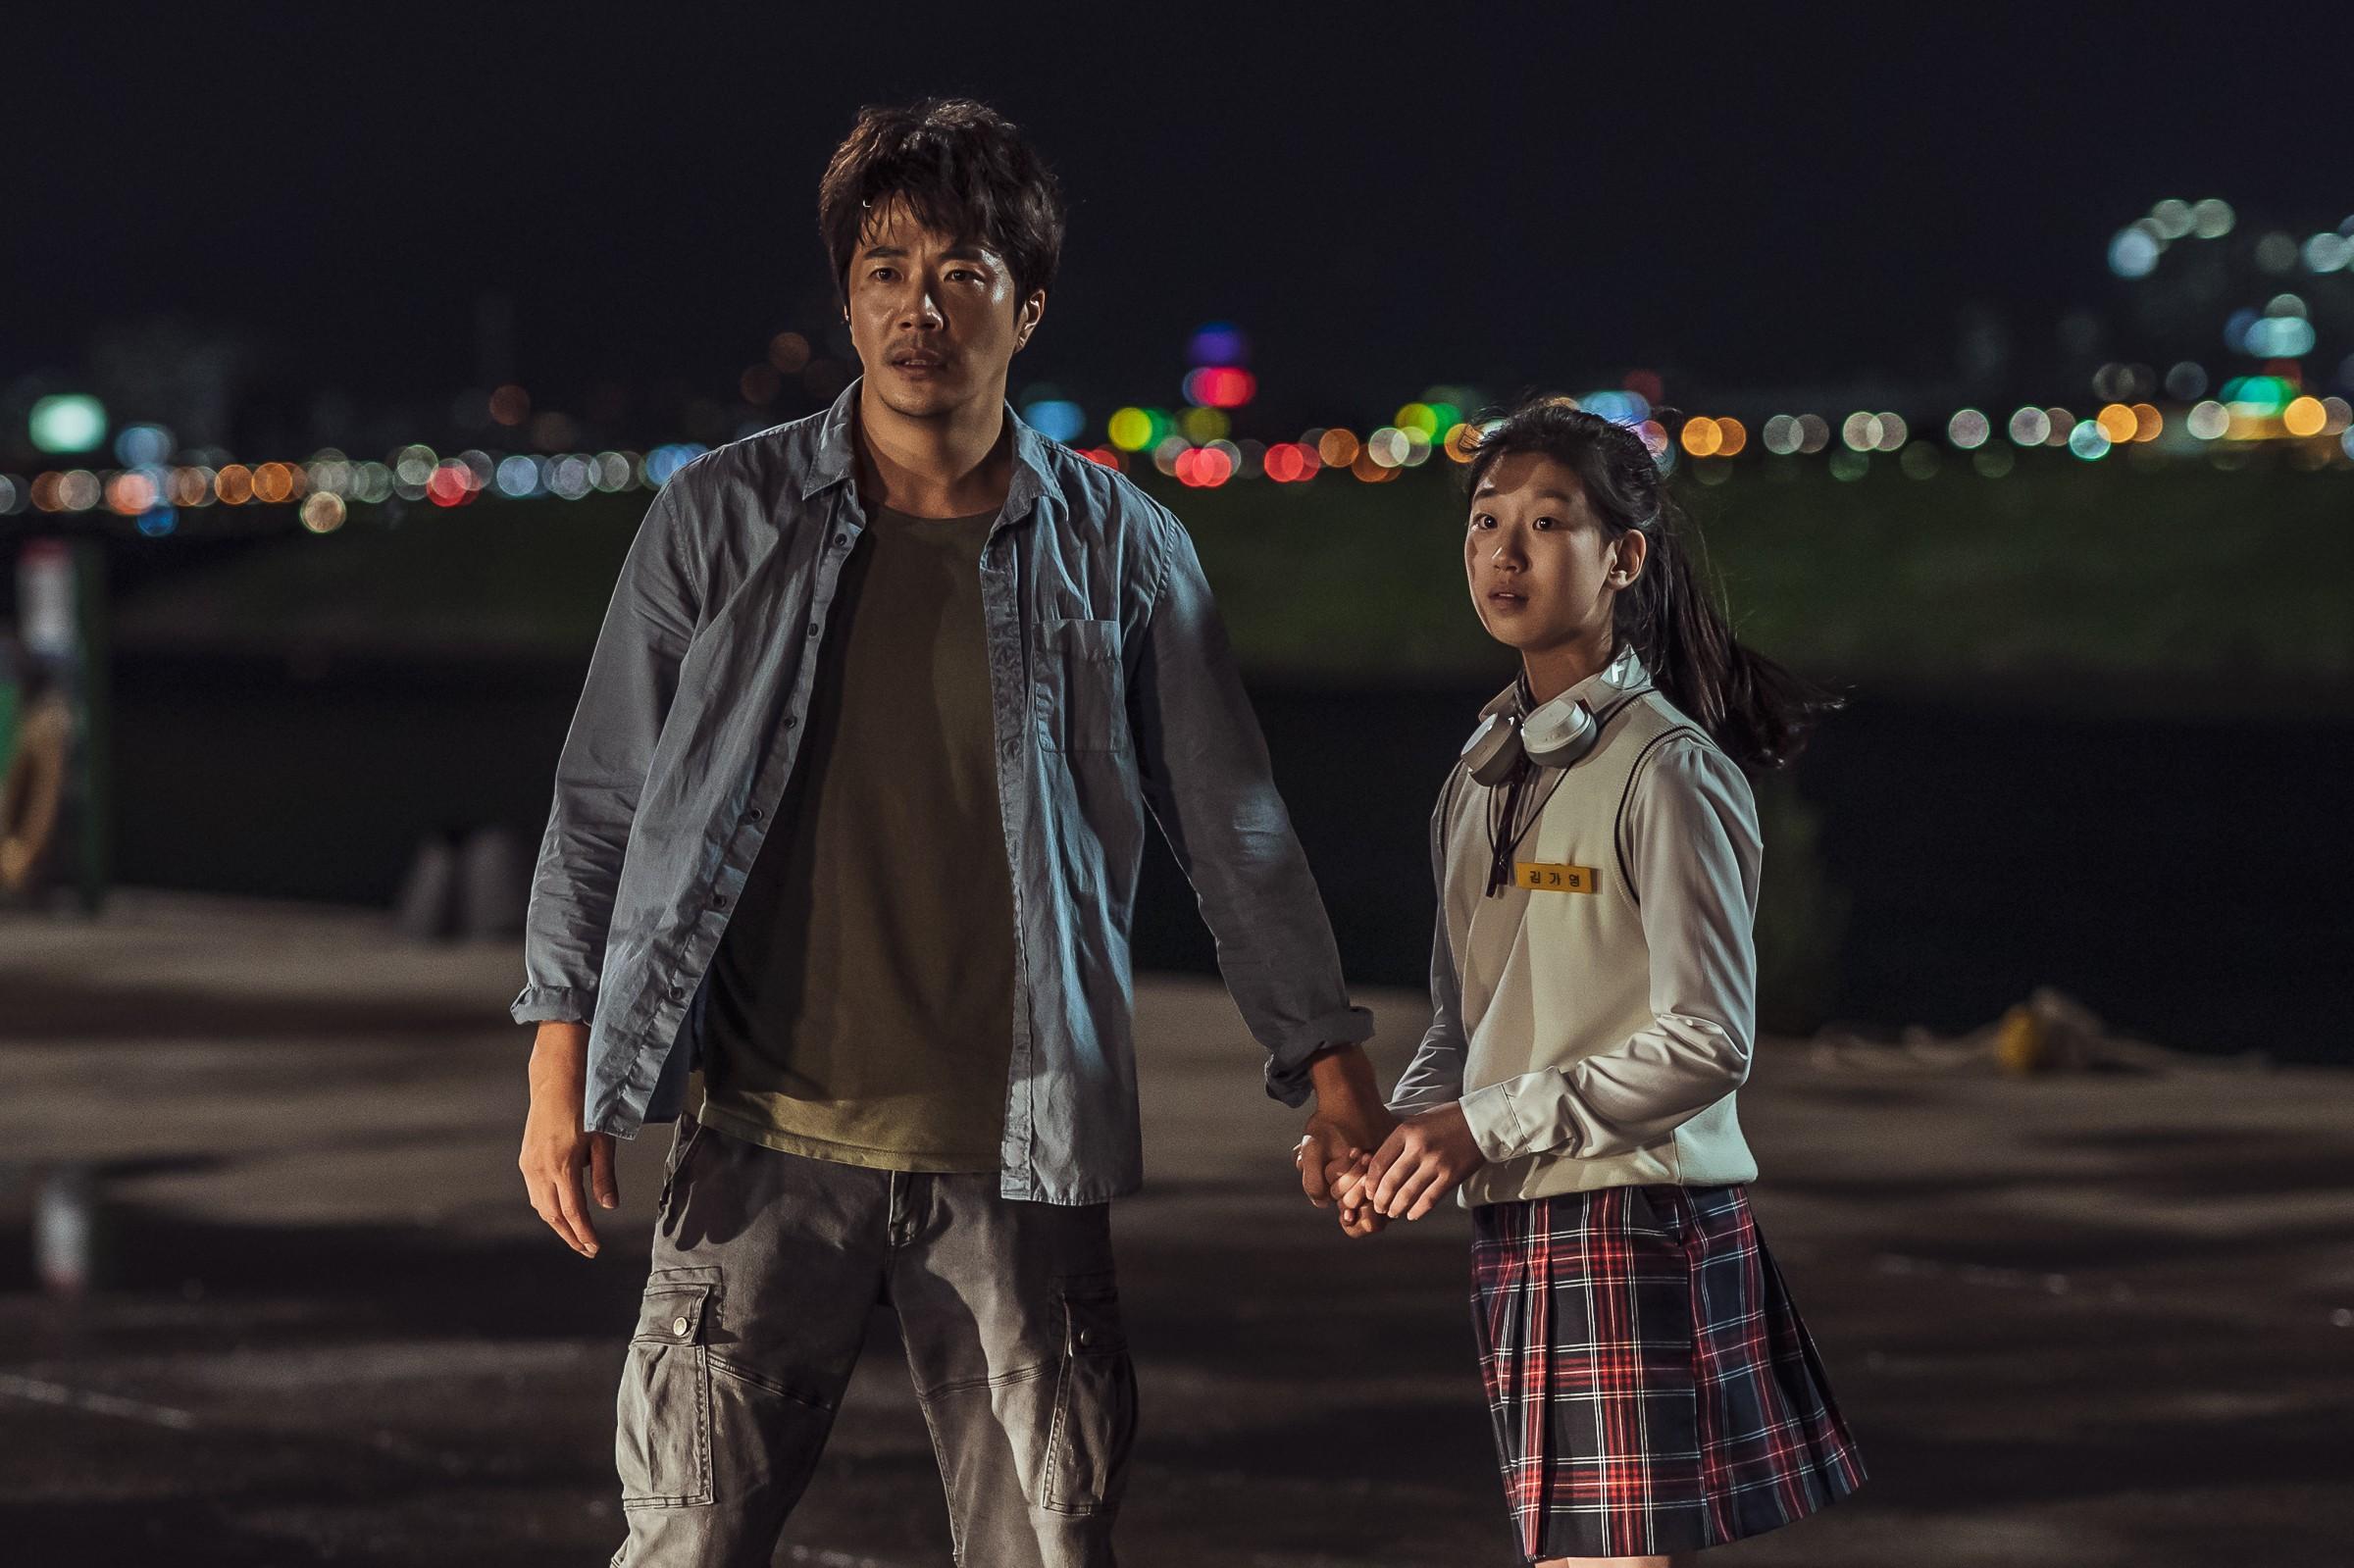 《大畫特務》權相佑(左)化身暖爸為救女兒重出江湖,掀起特務界腥風血雨